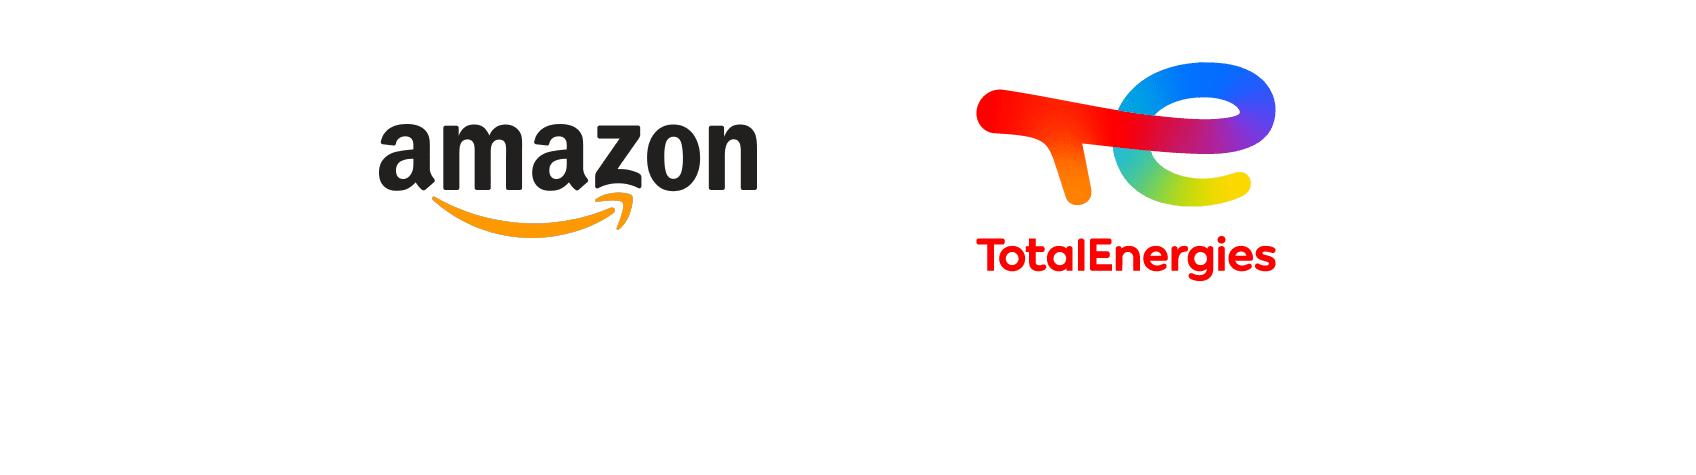 TotalEnergies y Amazon anuncian colaboración estratégica